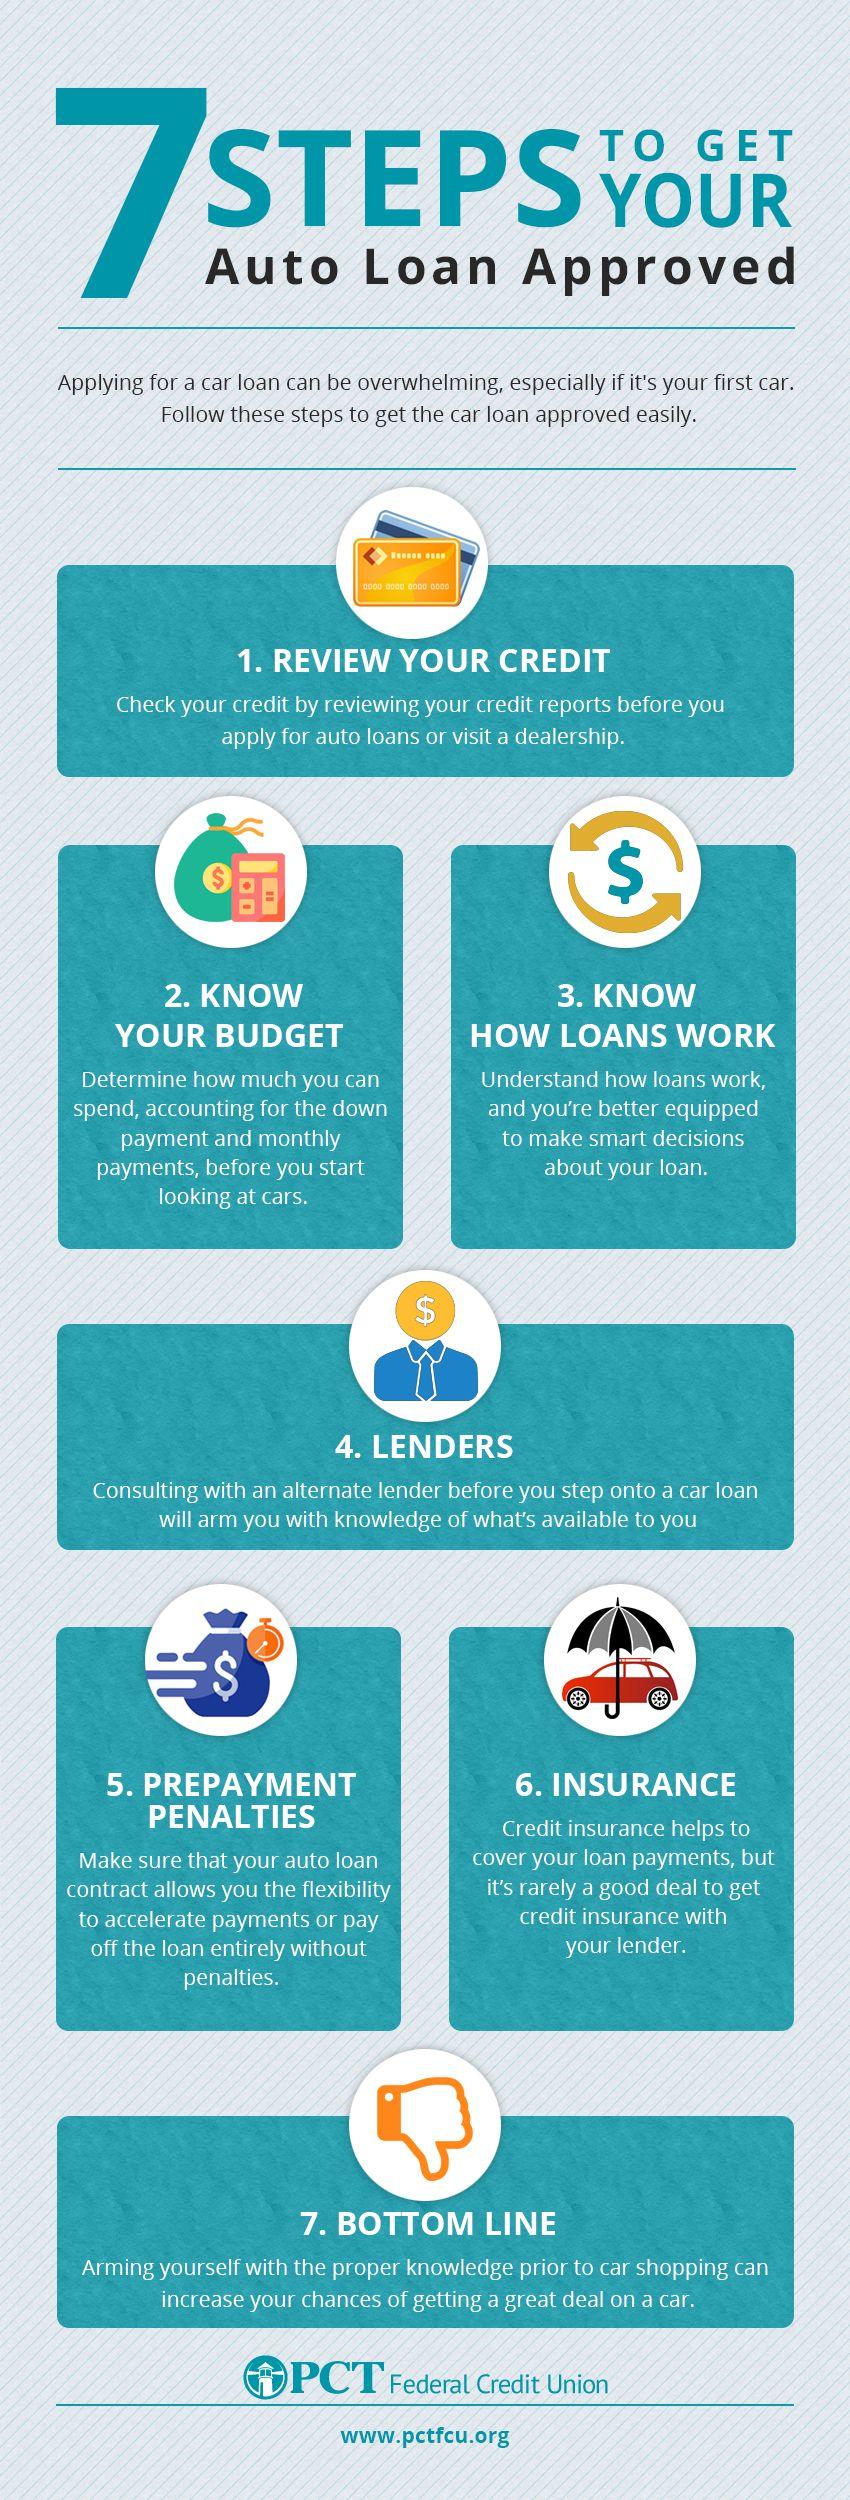 How To Get Best Auto Loans Wareham Car Loans Loan Finance Loans